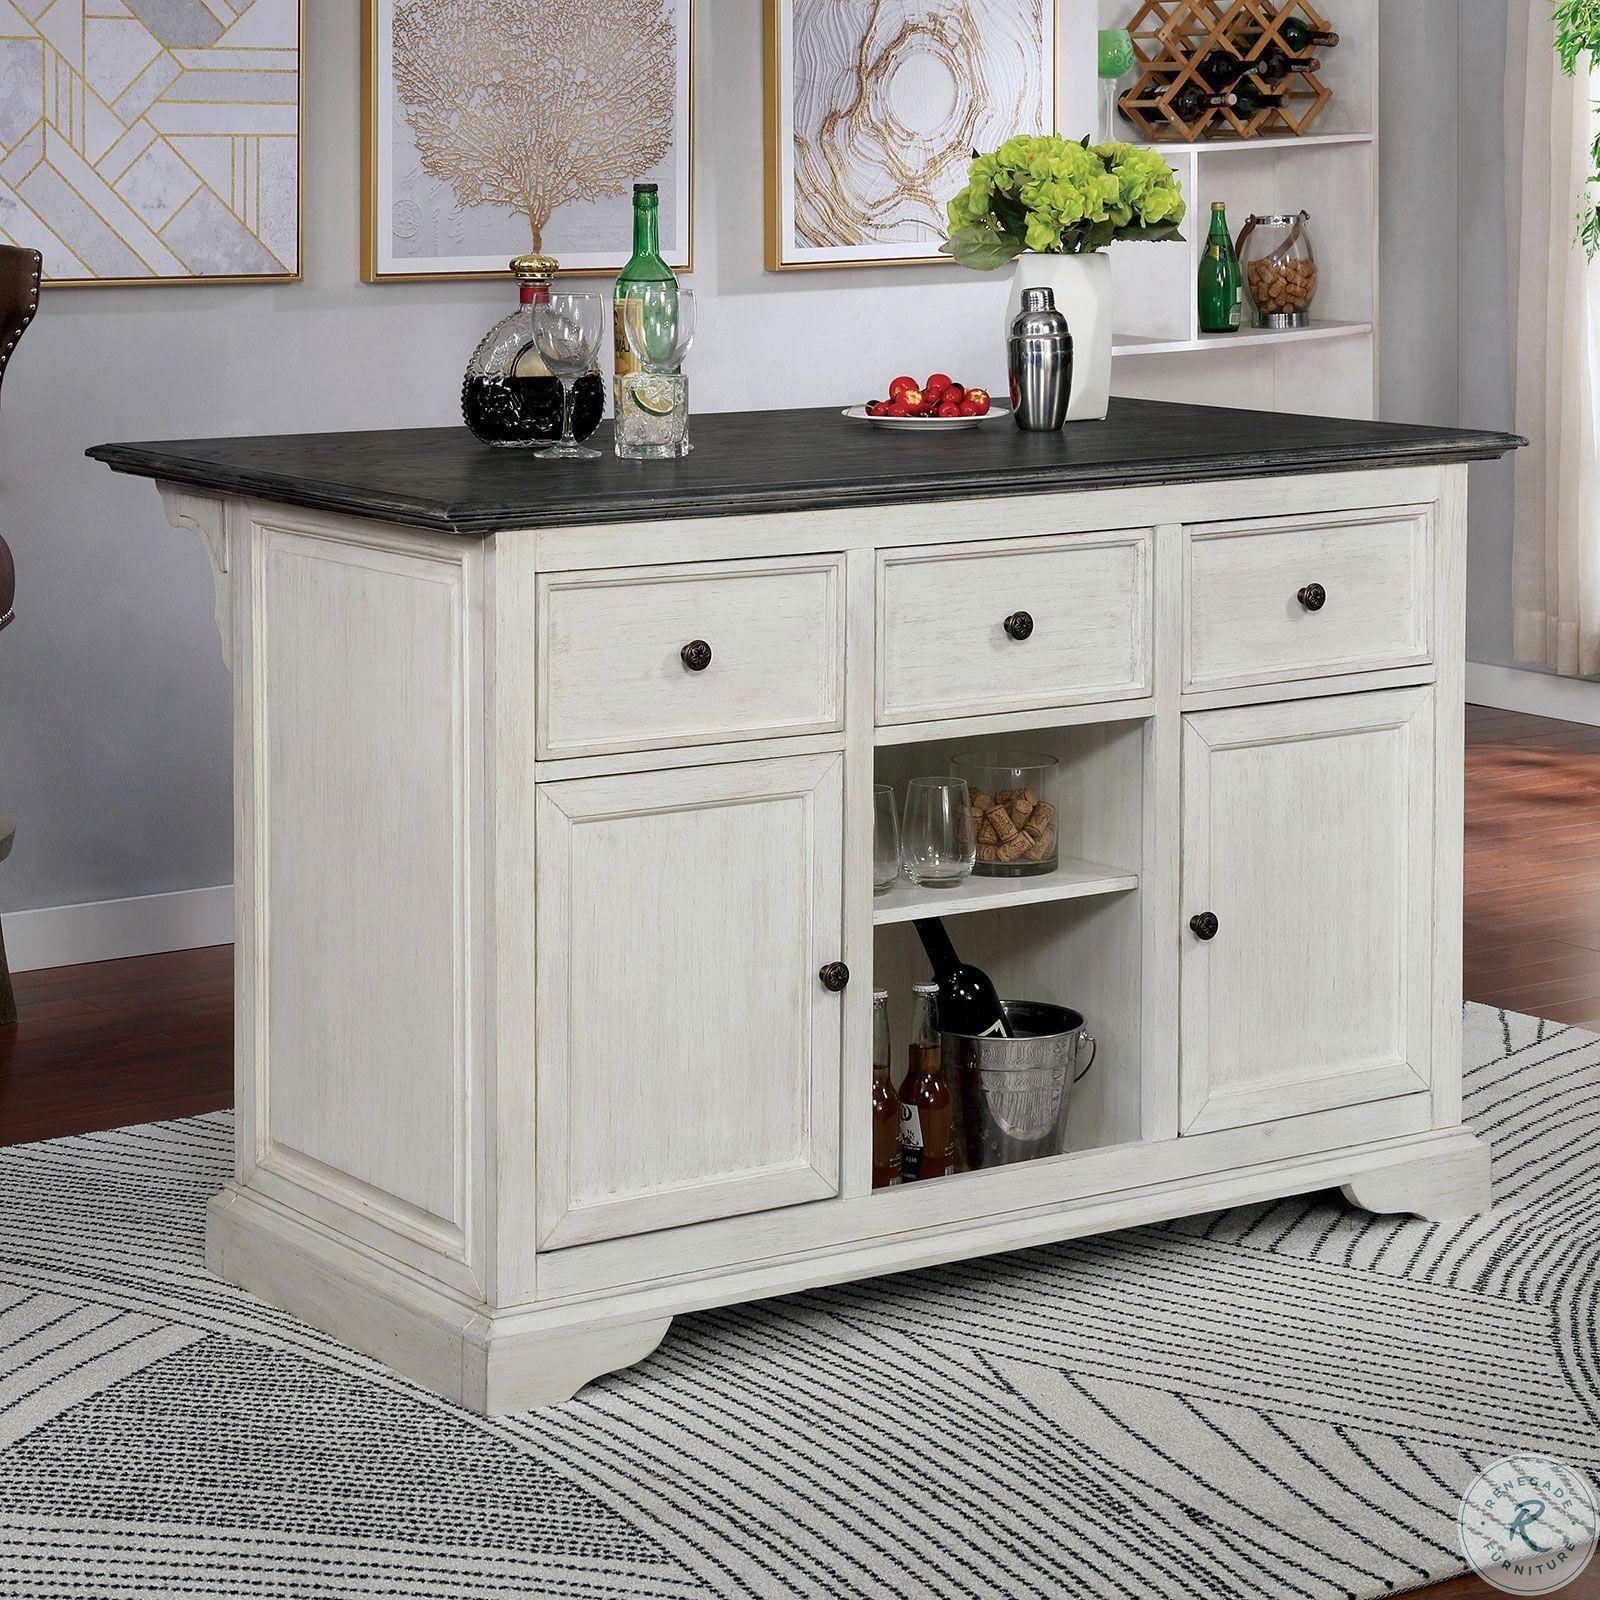 Palmer Warm Weathered Grey Kitchen Island In 2020 Kitchen Island Furniture Grey Kitchen Island Kitchen Design Open